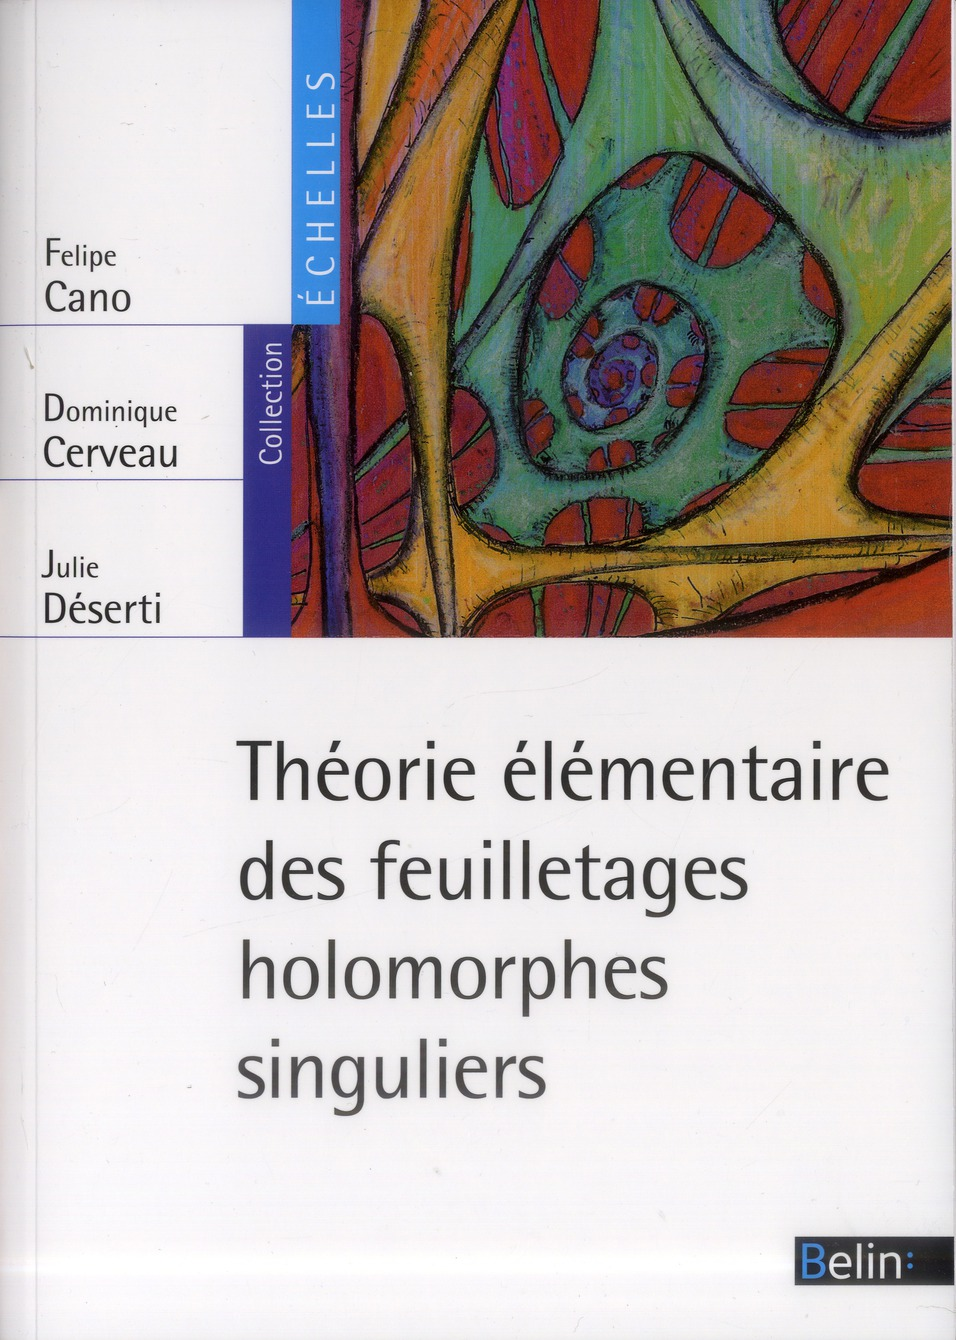 Théorie élémentaire des feuilletages holomorphes singuliers